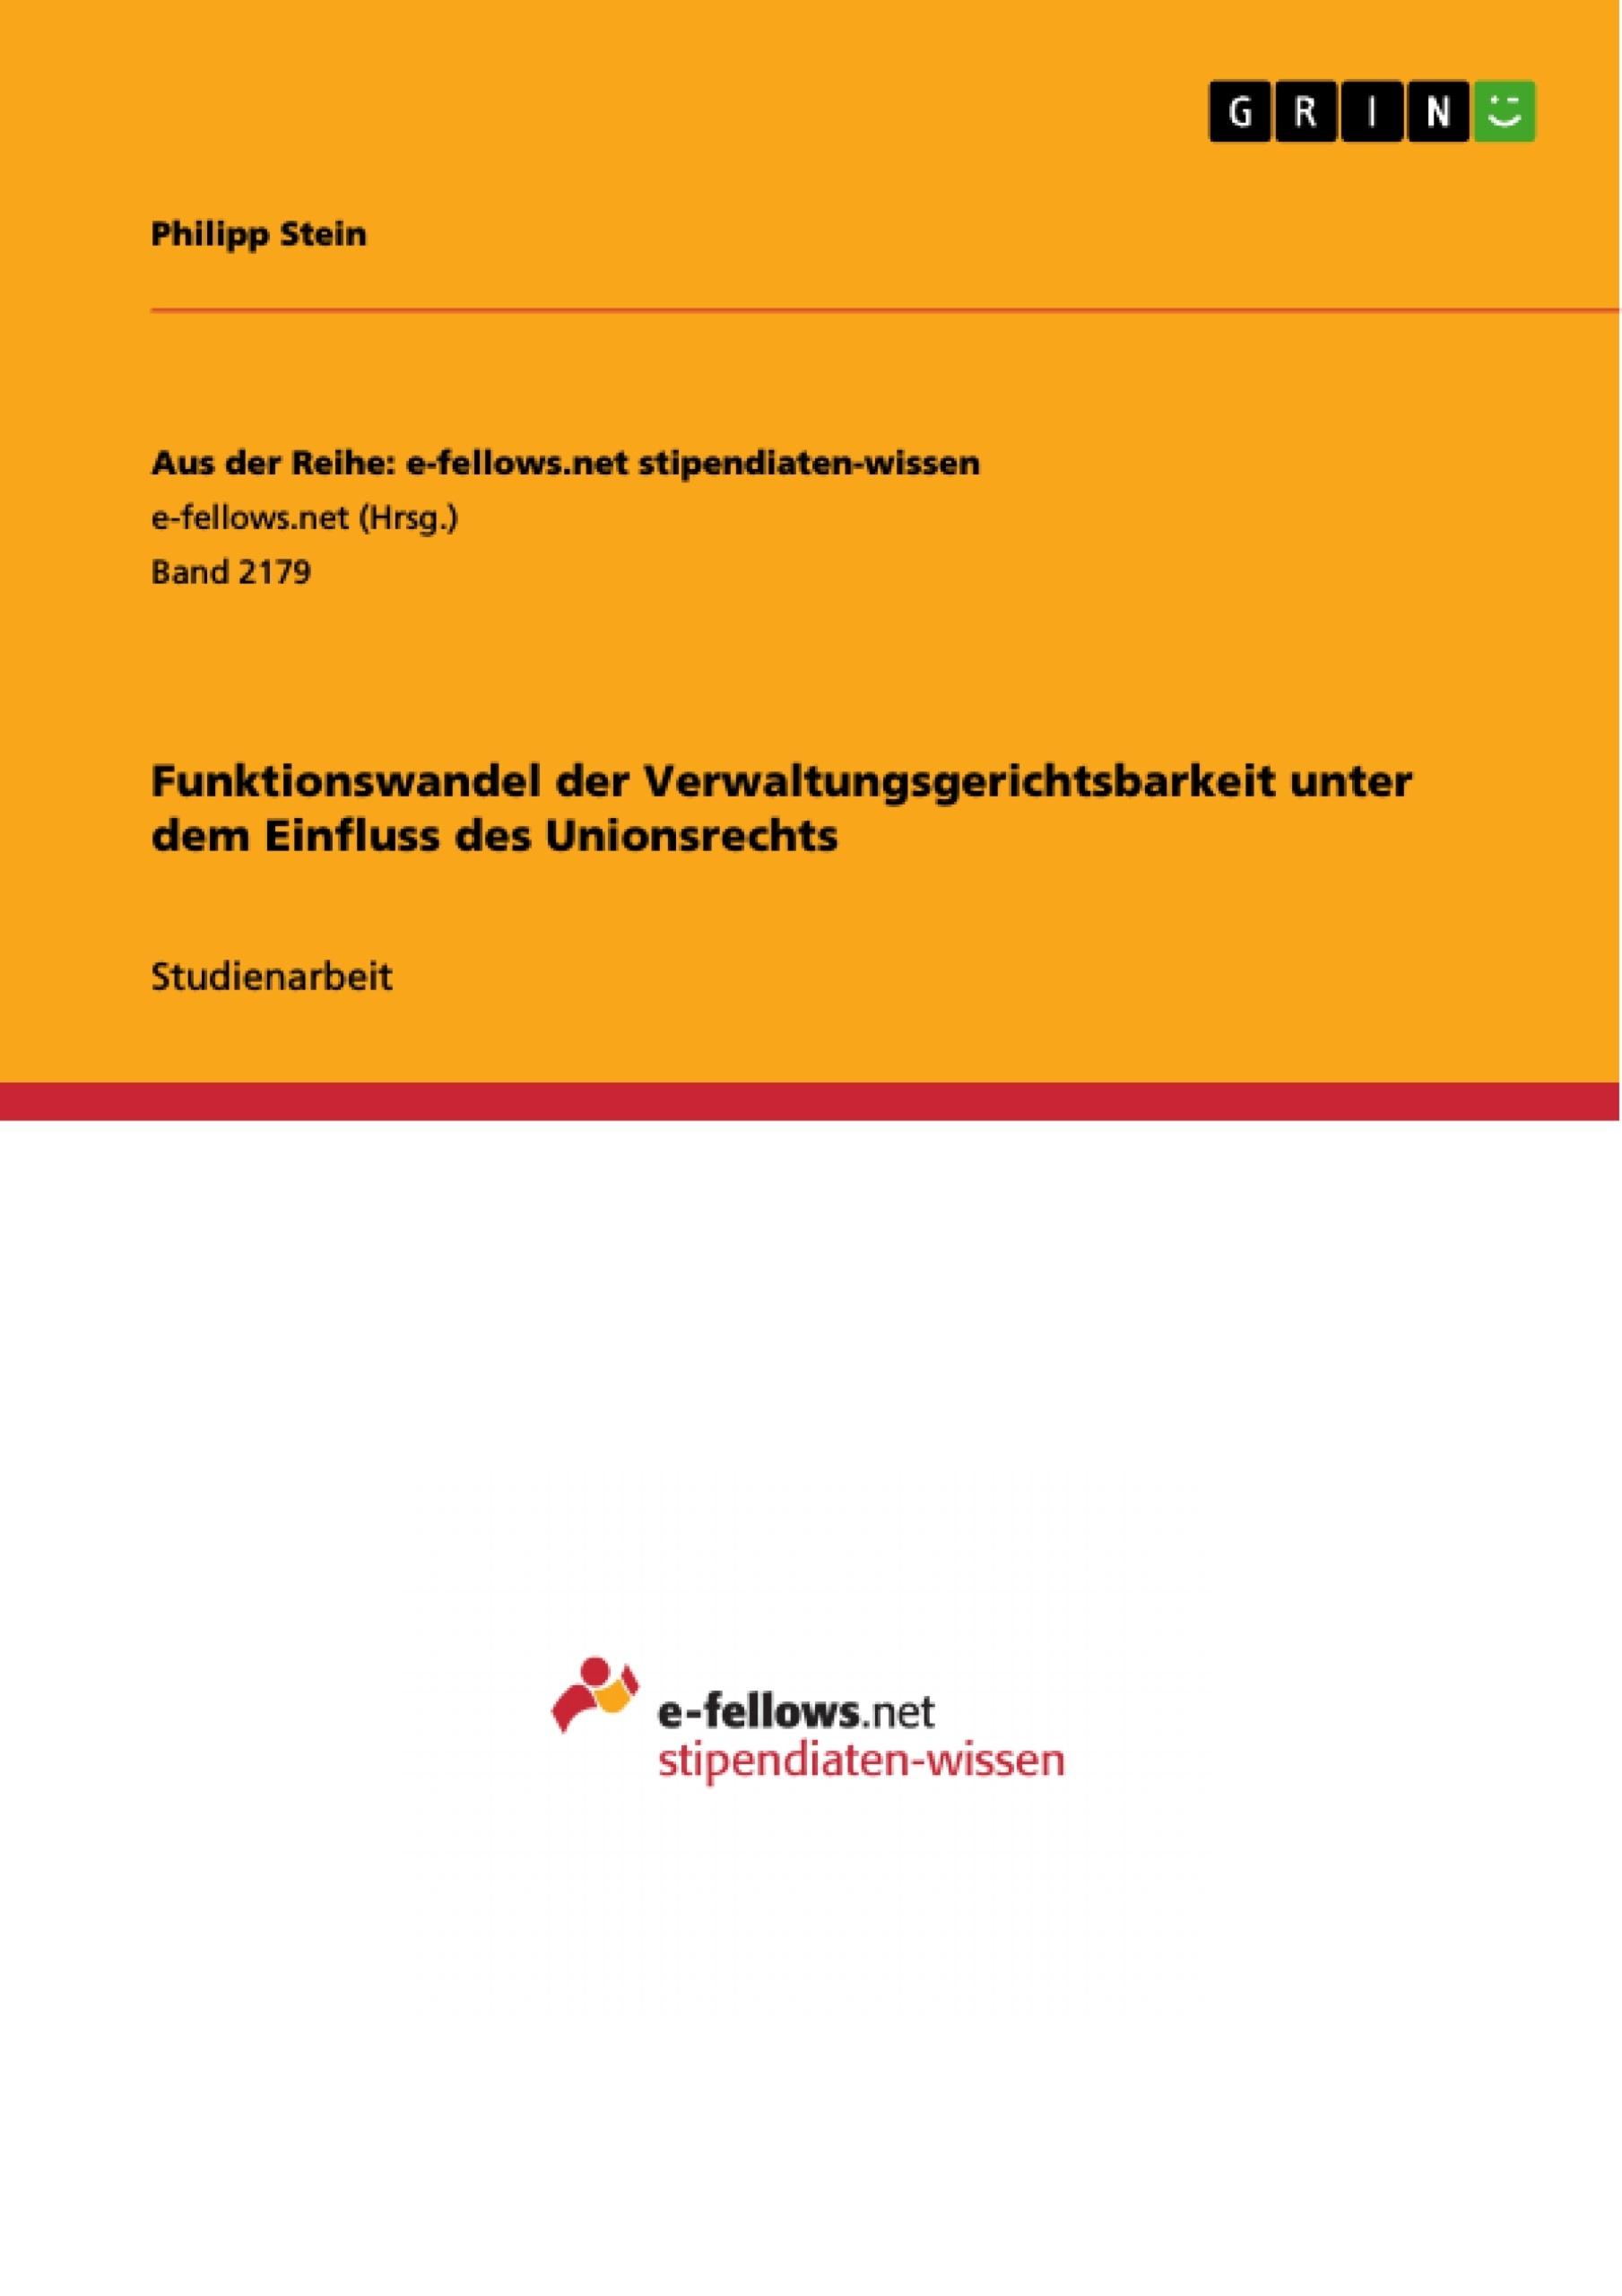 Titel: Funktionswandel der Verwaltungsgerichtsbarkeit unter dem Einfluss des Unionsrechts